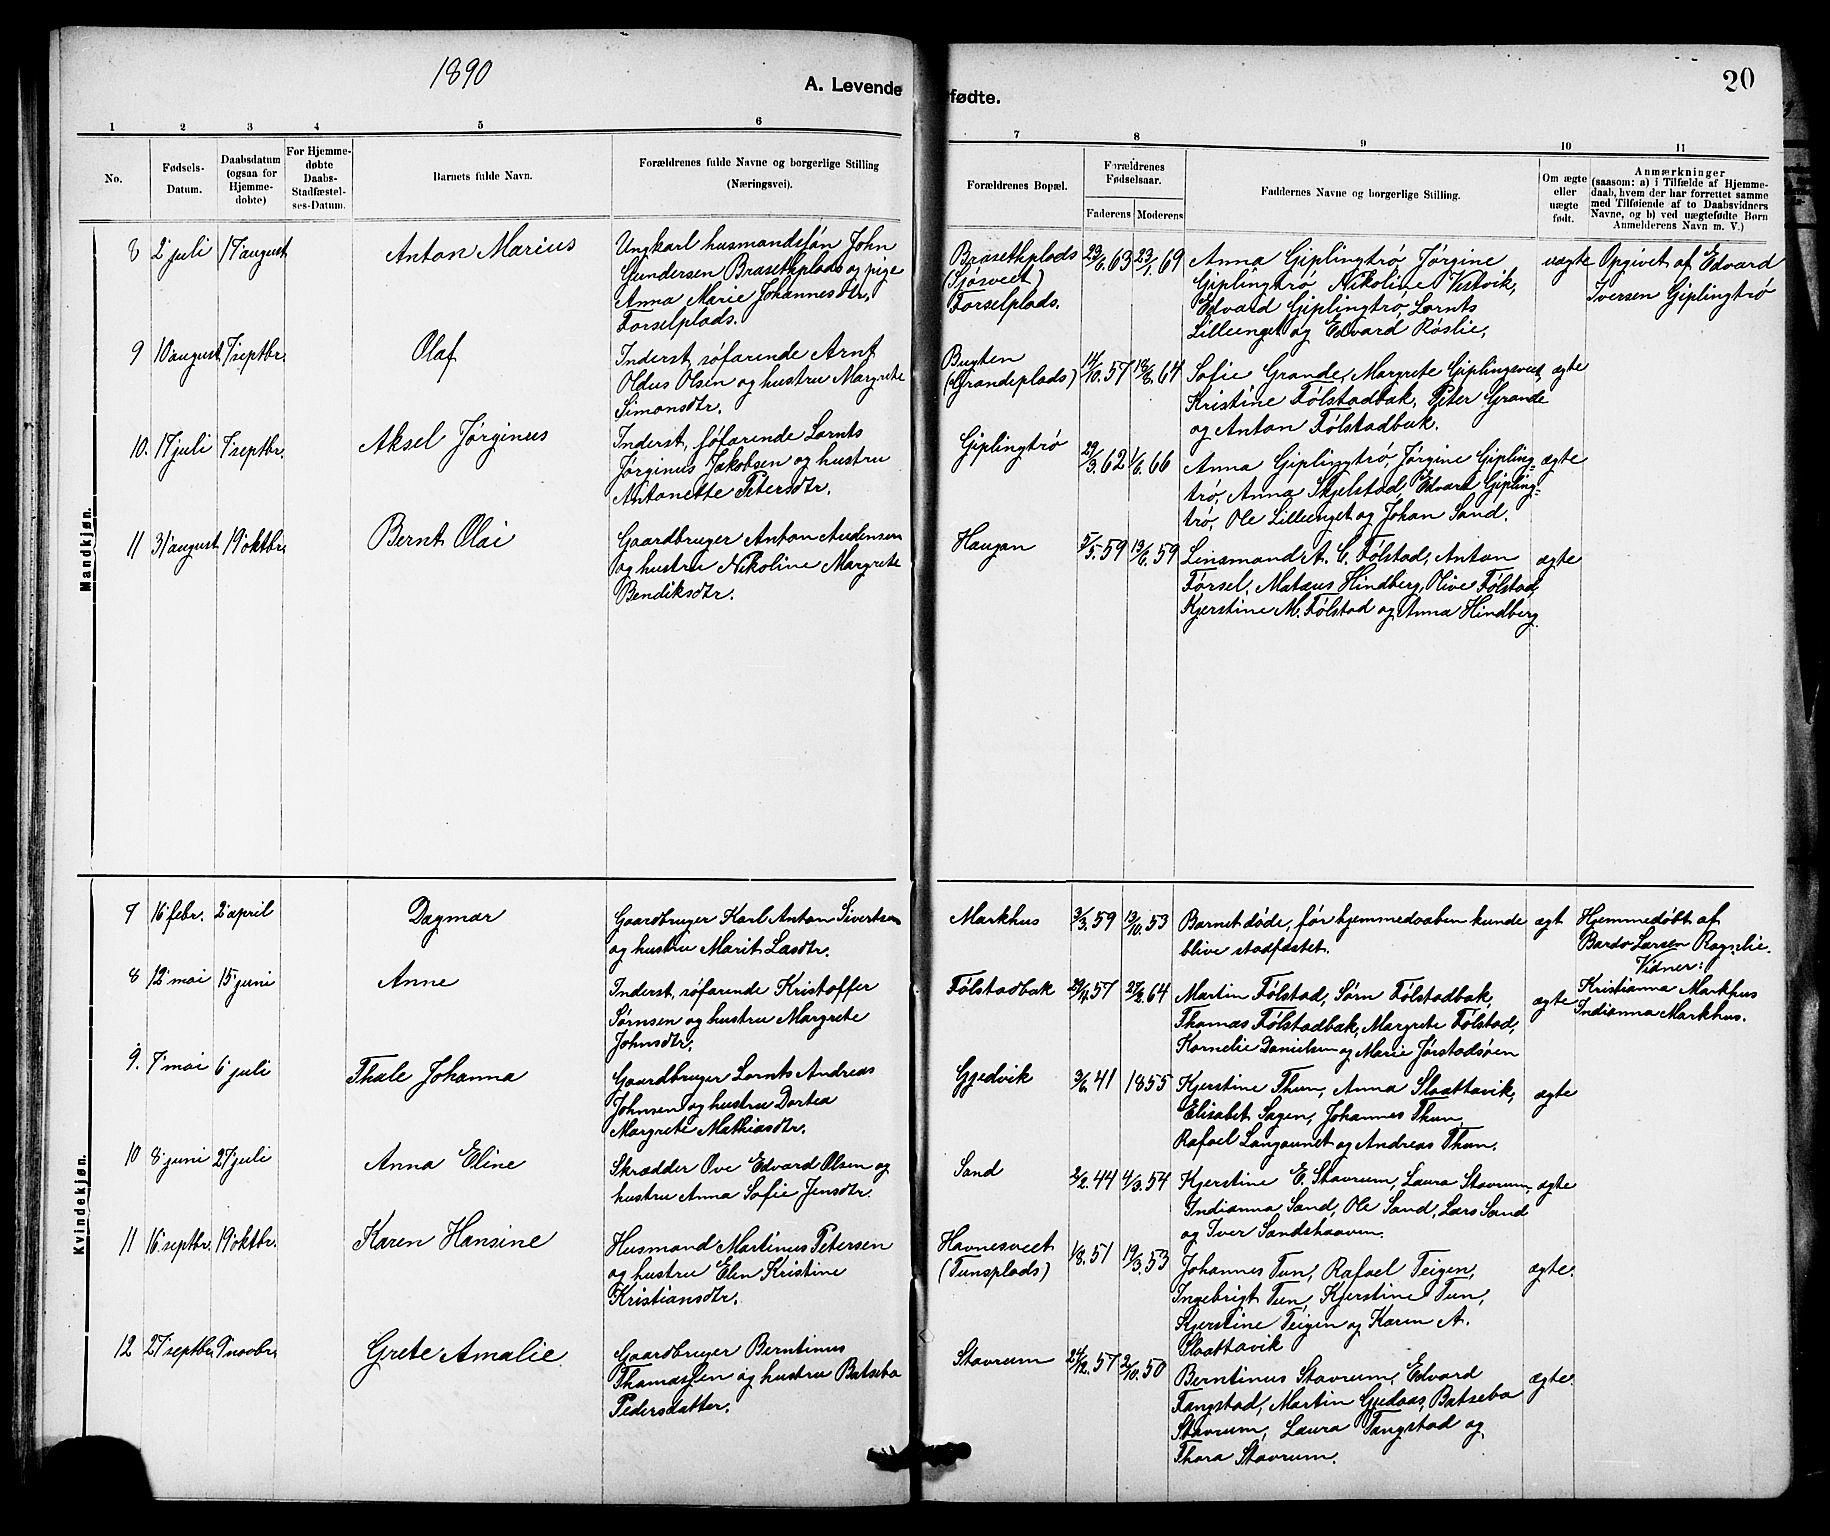 SAT, Ministerialprotokoller, klokkerbøker og fødselsregistre - Nord-Trøndelag, 744/L0423: Klokkerbok nr. 744C02, 1886-1905, s. 20